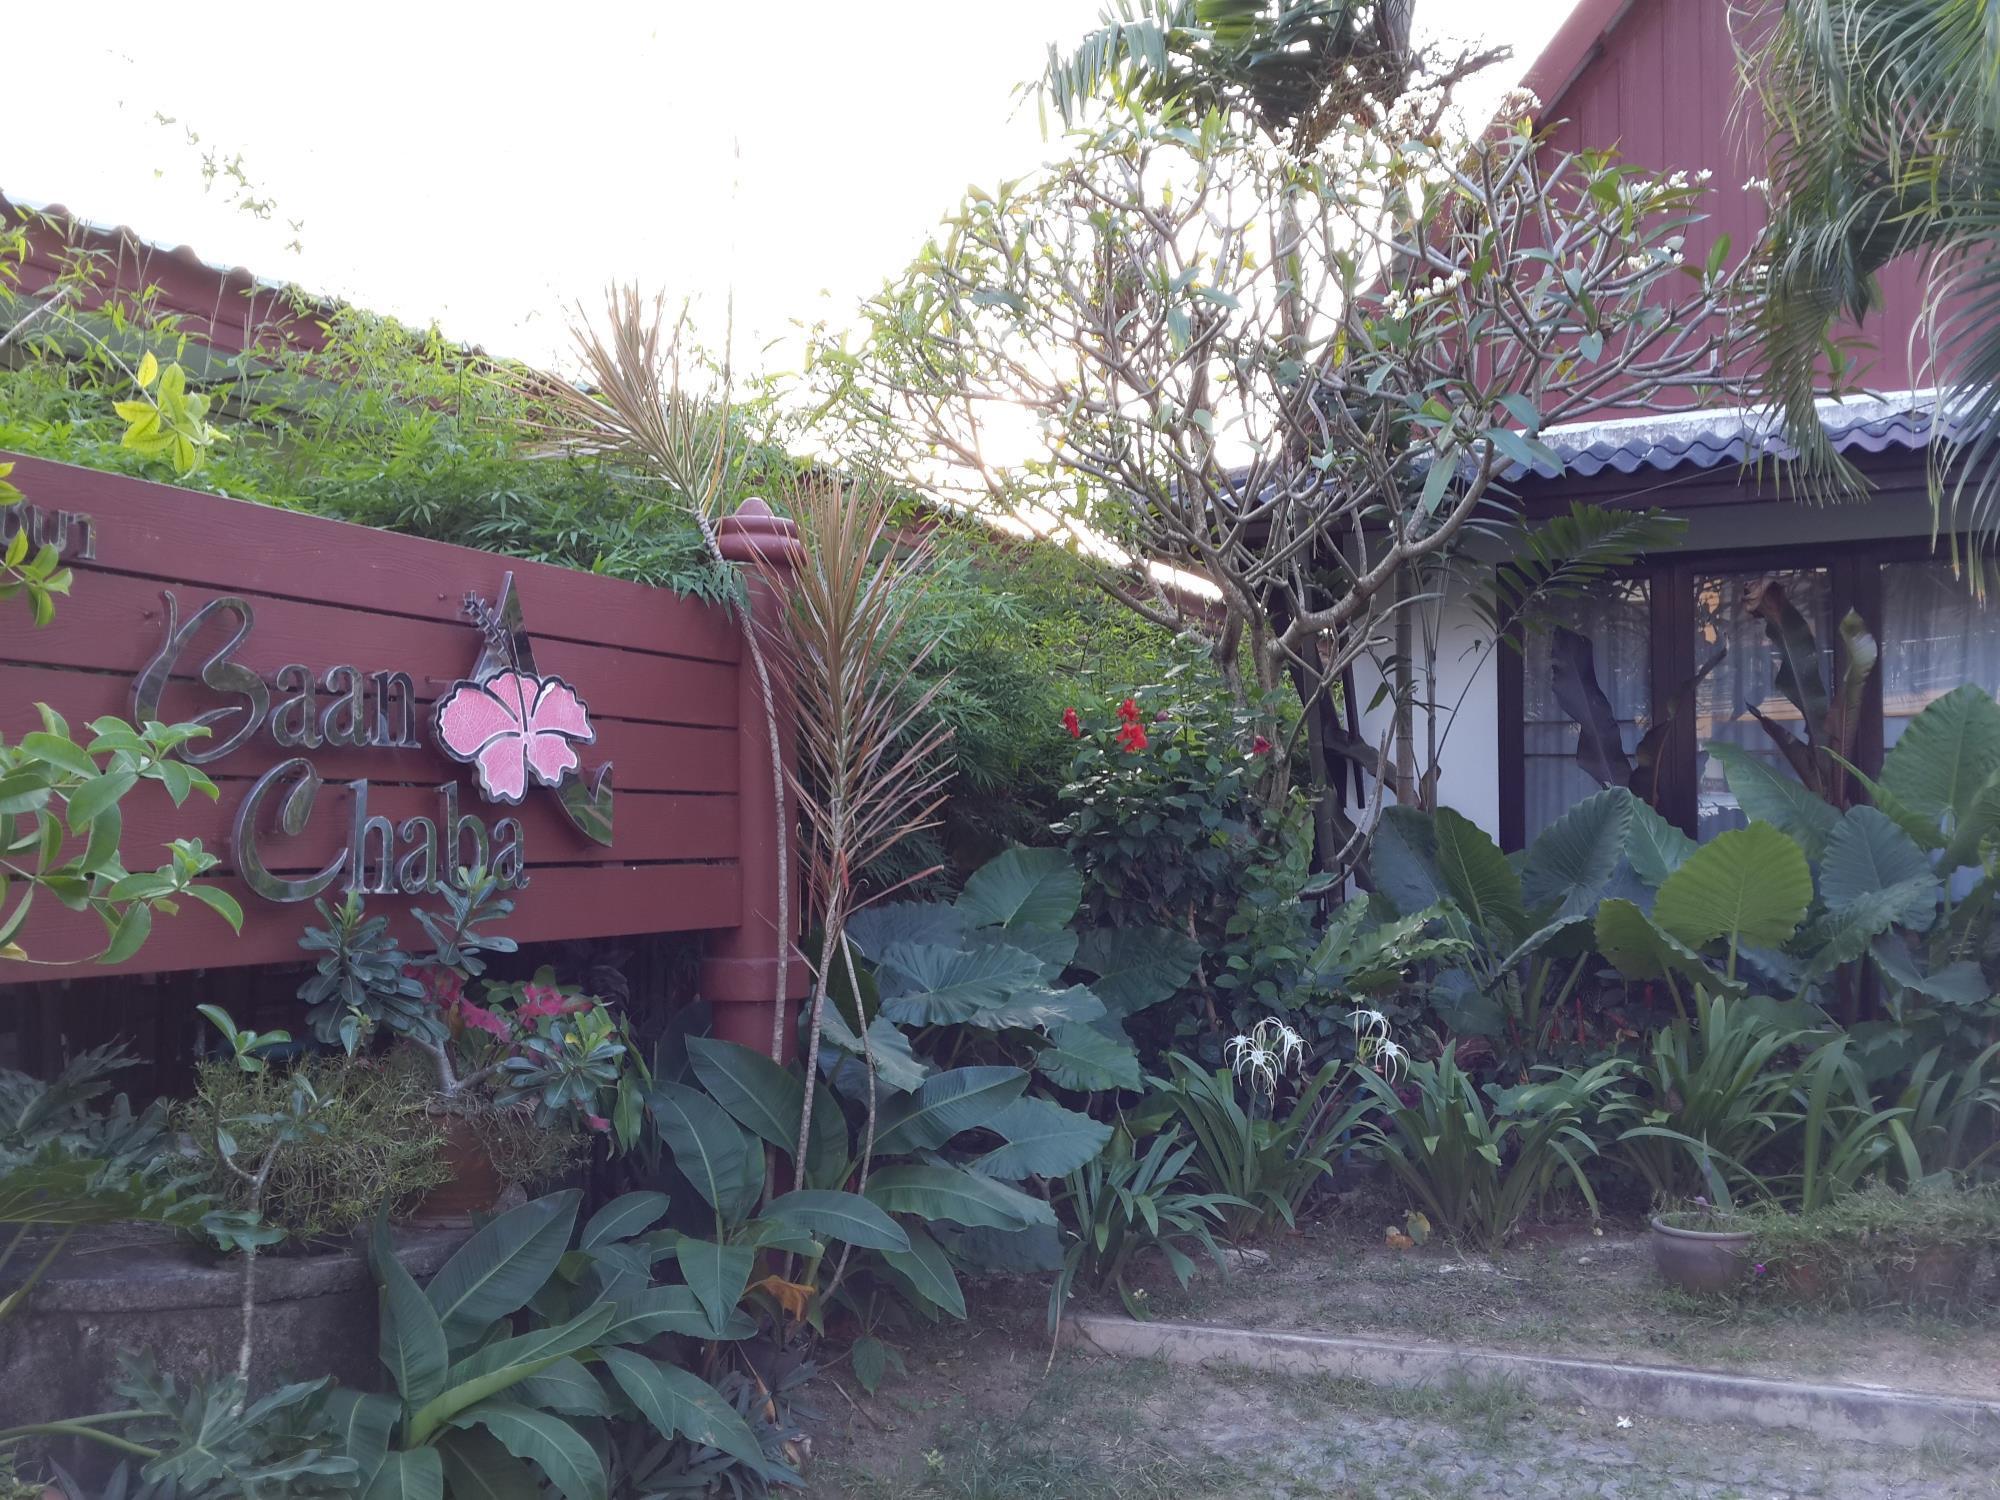 Baan Chaba Bungalow - Phuket